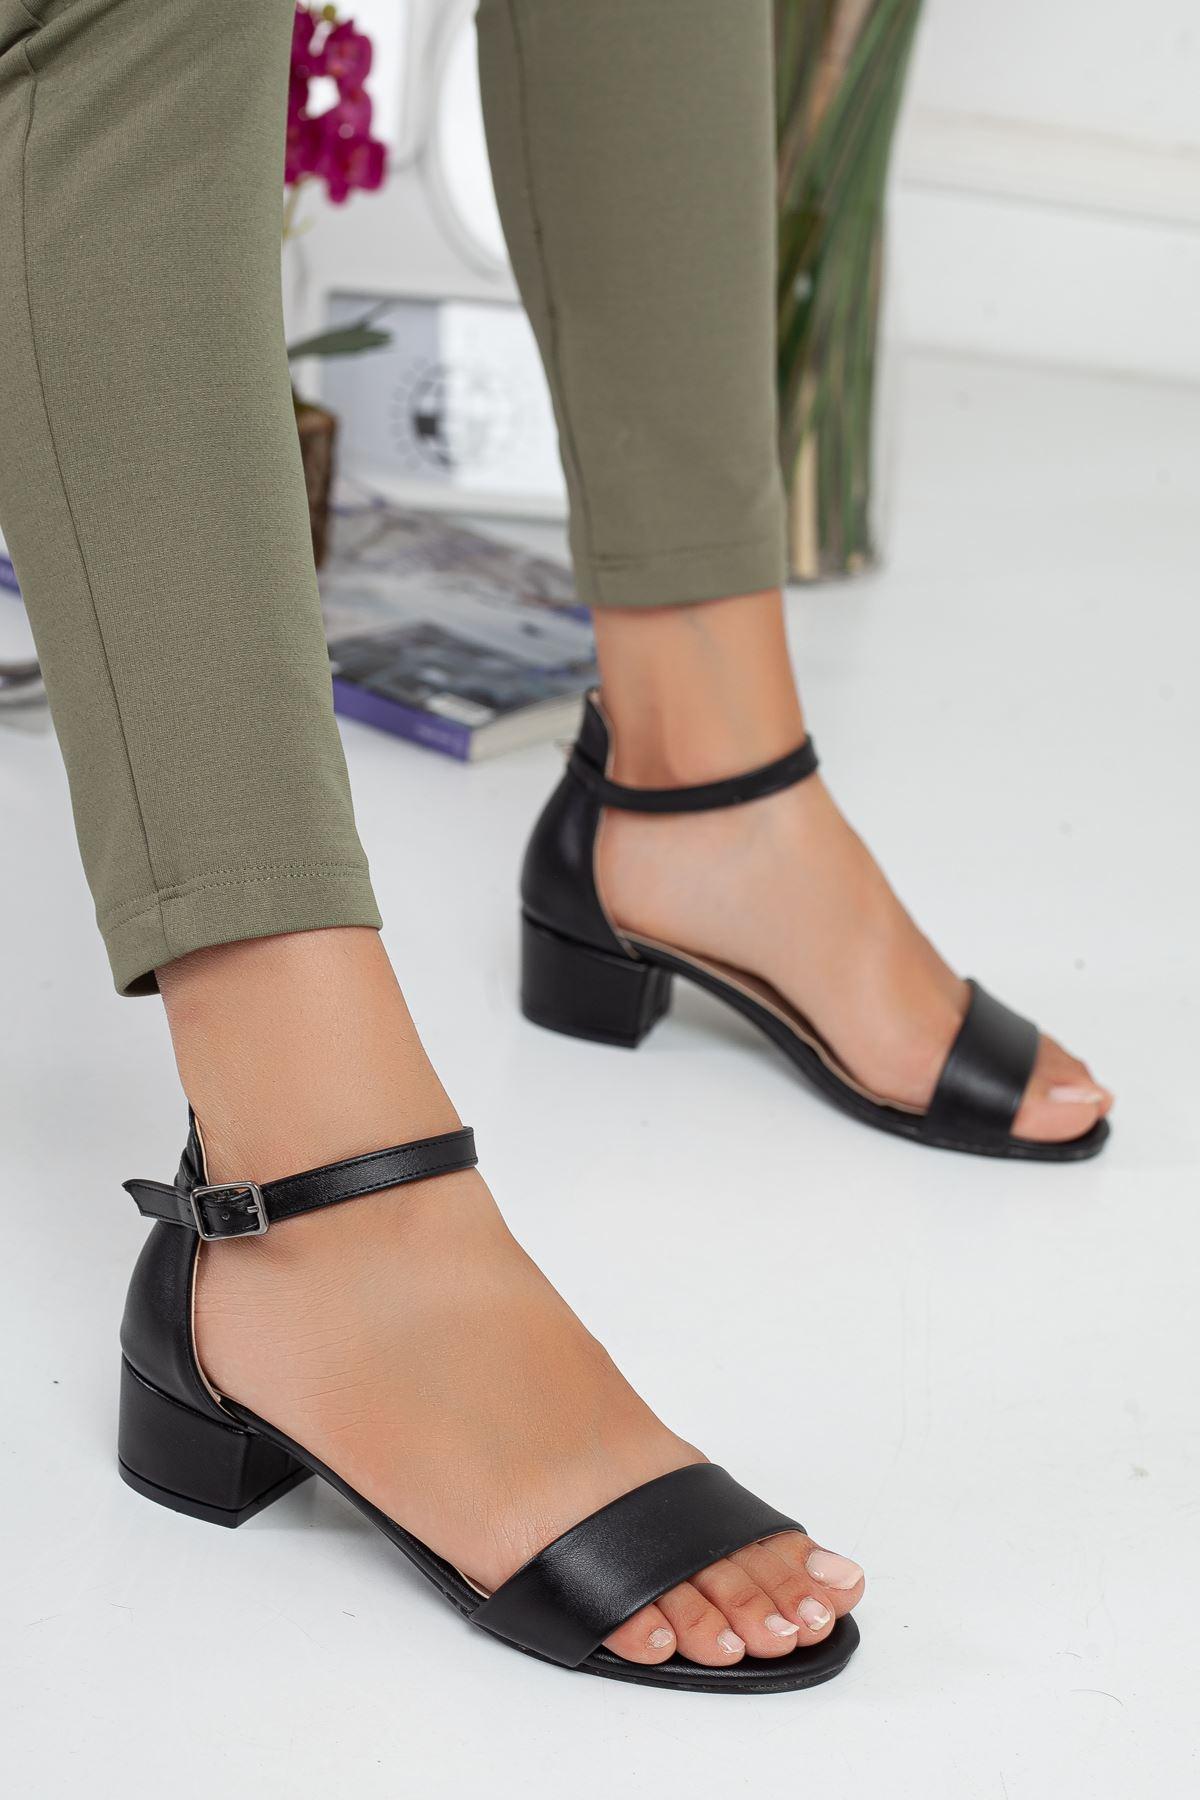 LORA tek bant topuklu ayakkabı Siyah